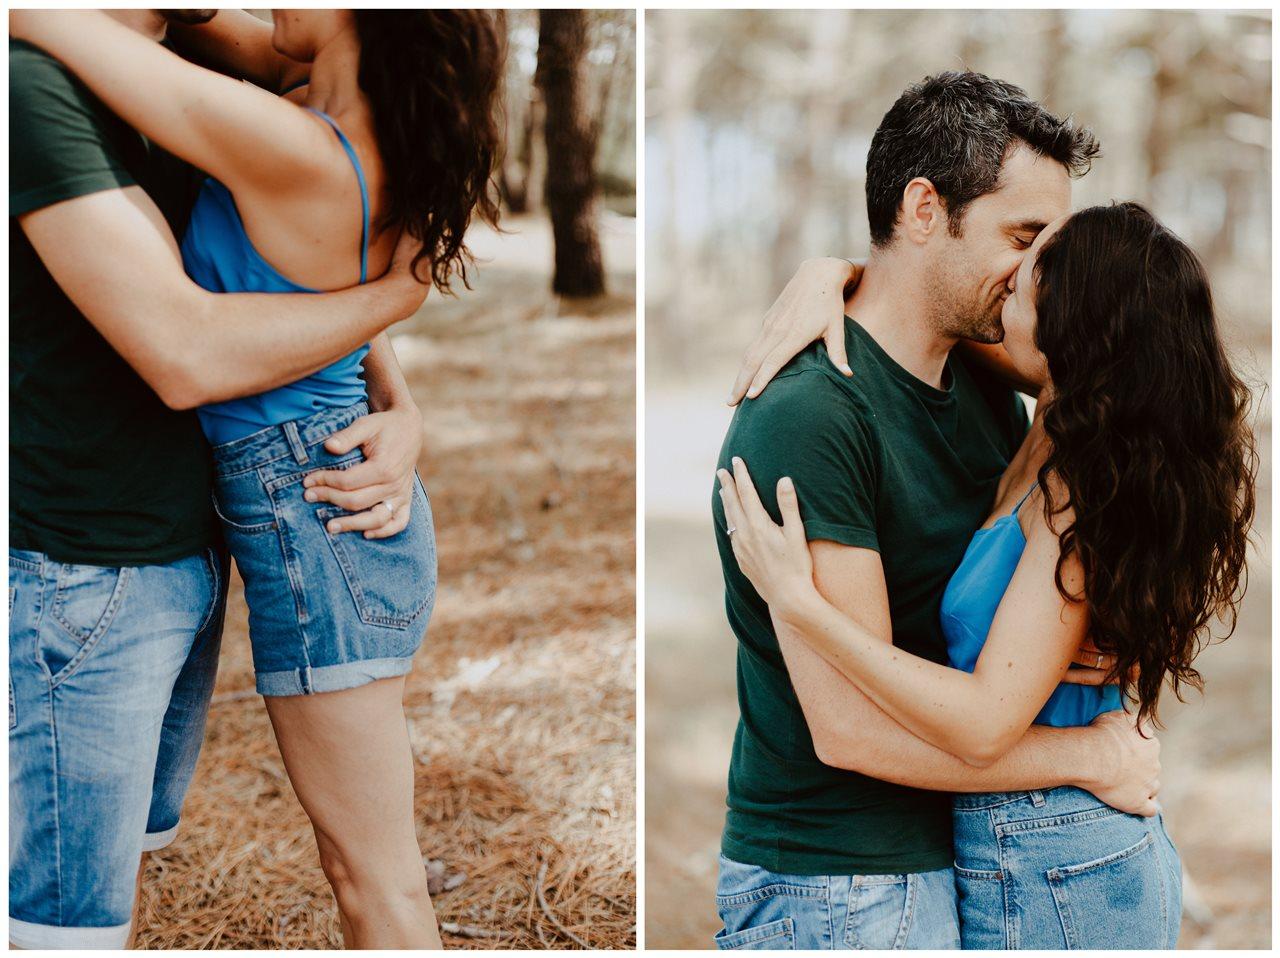 séance-photo-famille-La-Turballe-couple-détails-peau-bisou